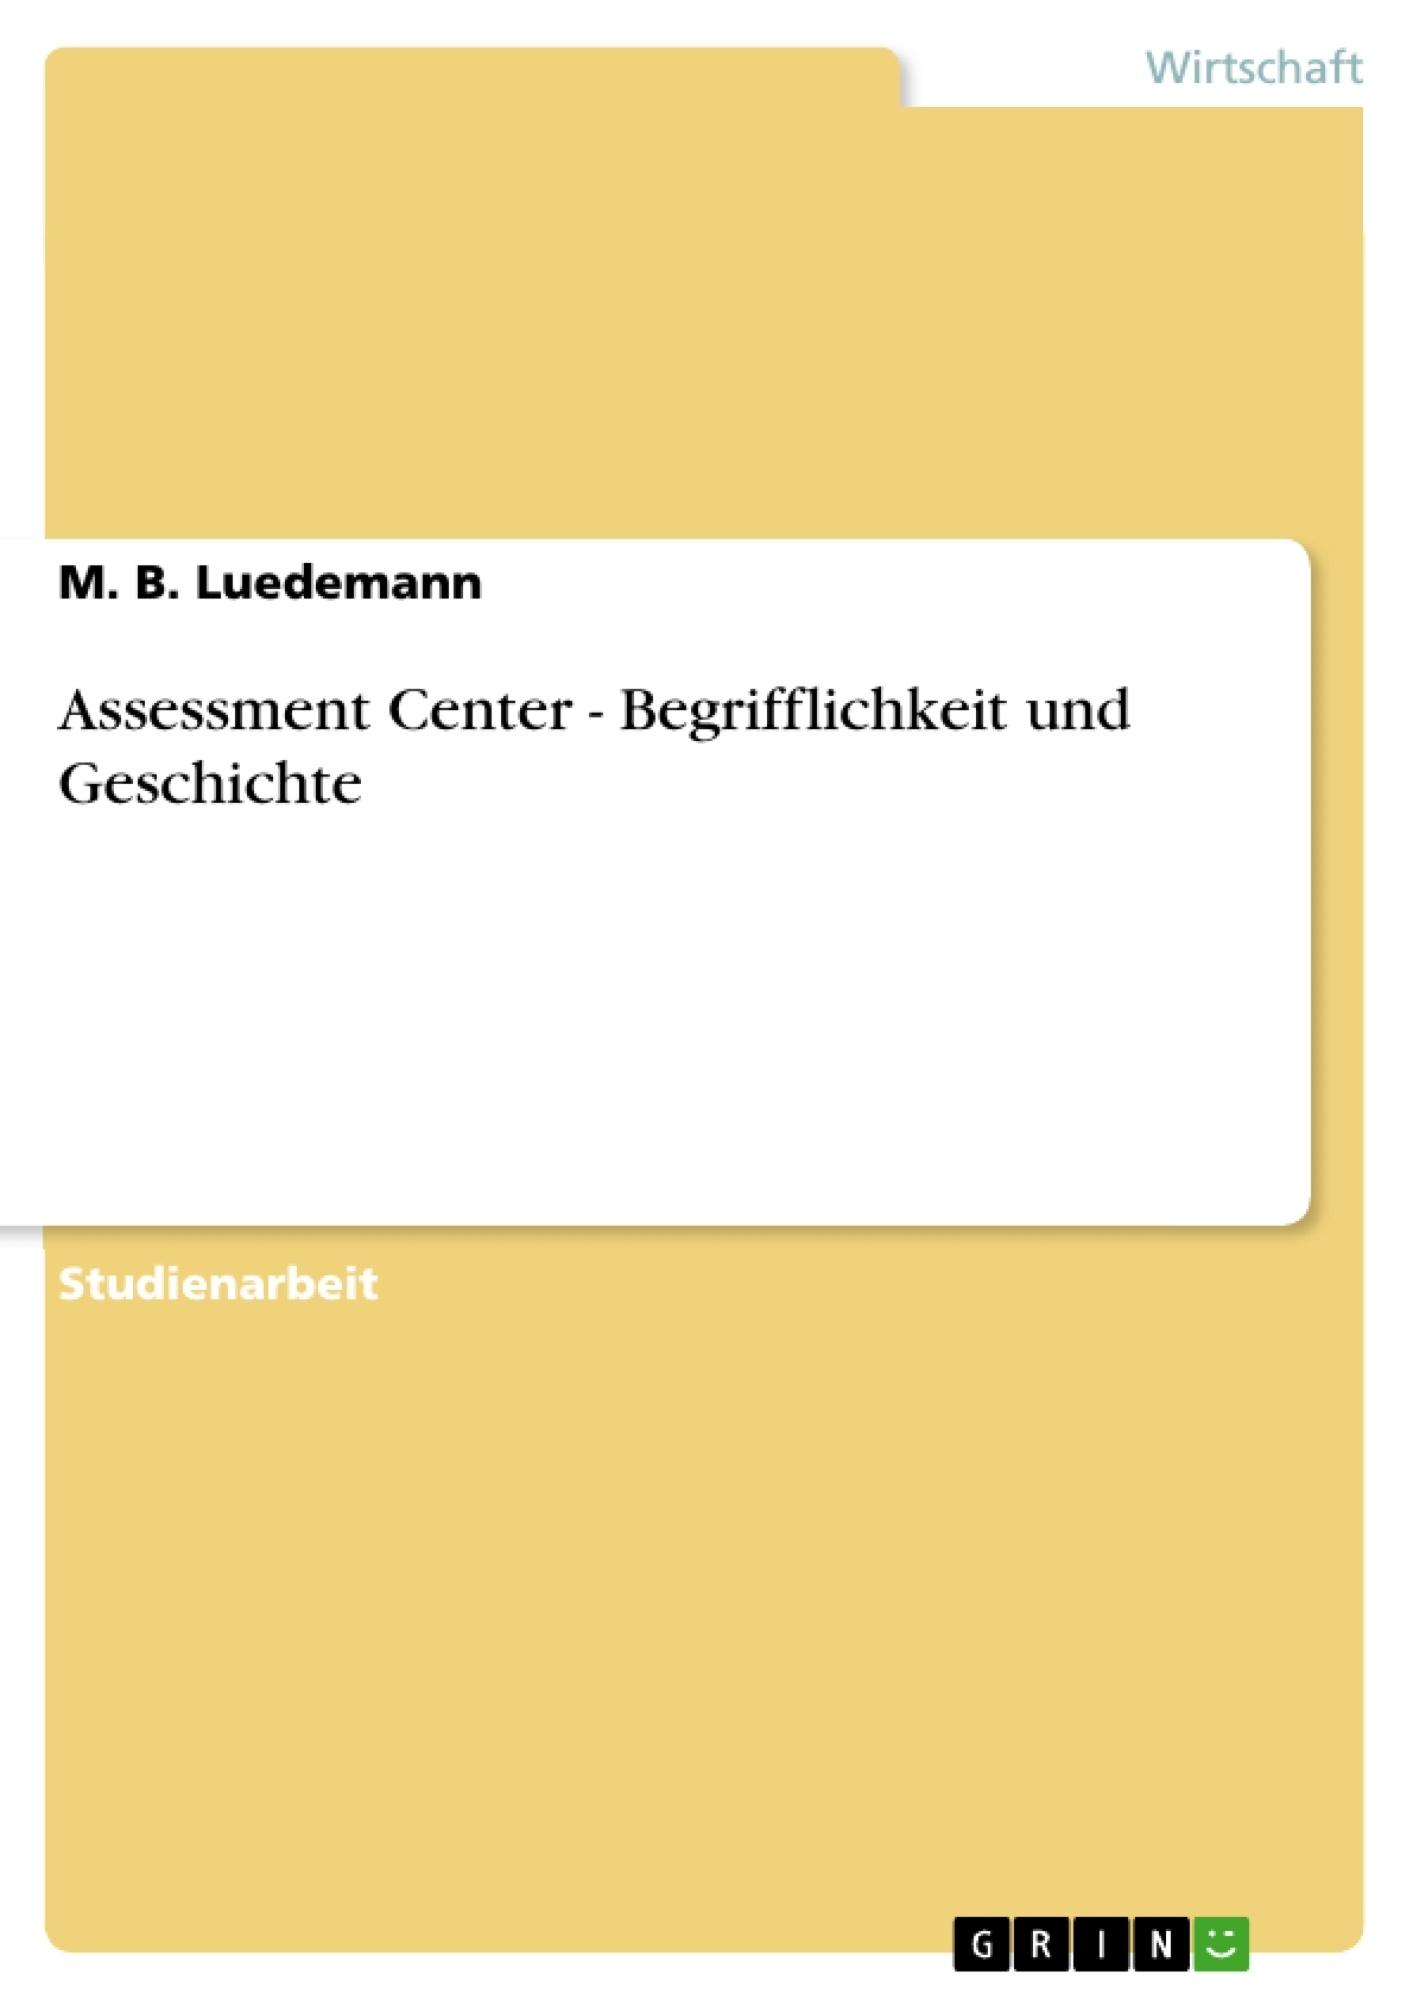 Titel: Assessment Center - Begrifflichkeit und Geschichte